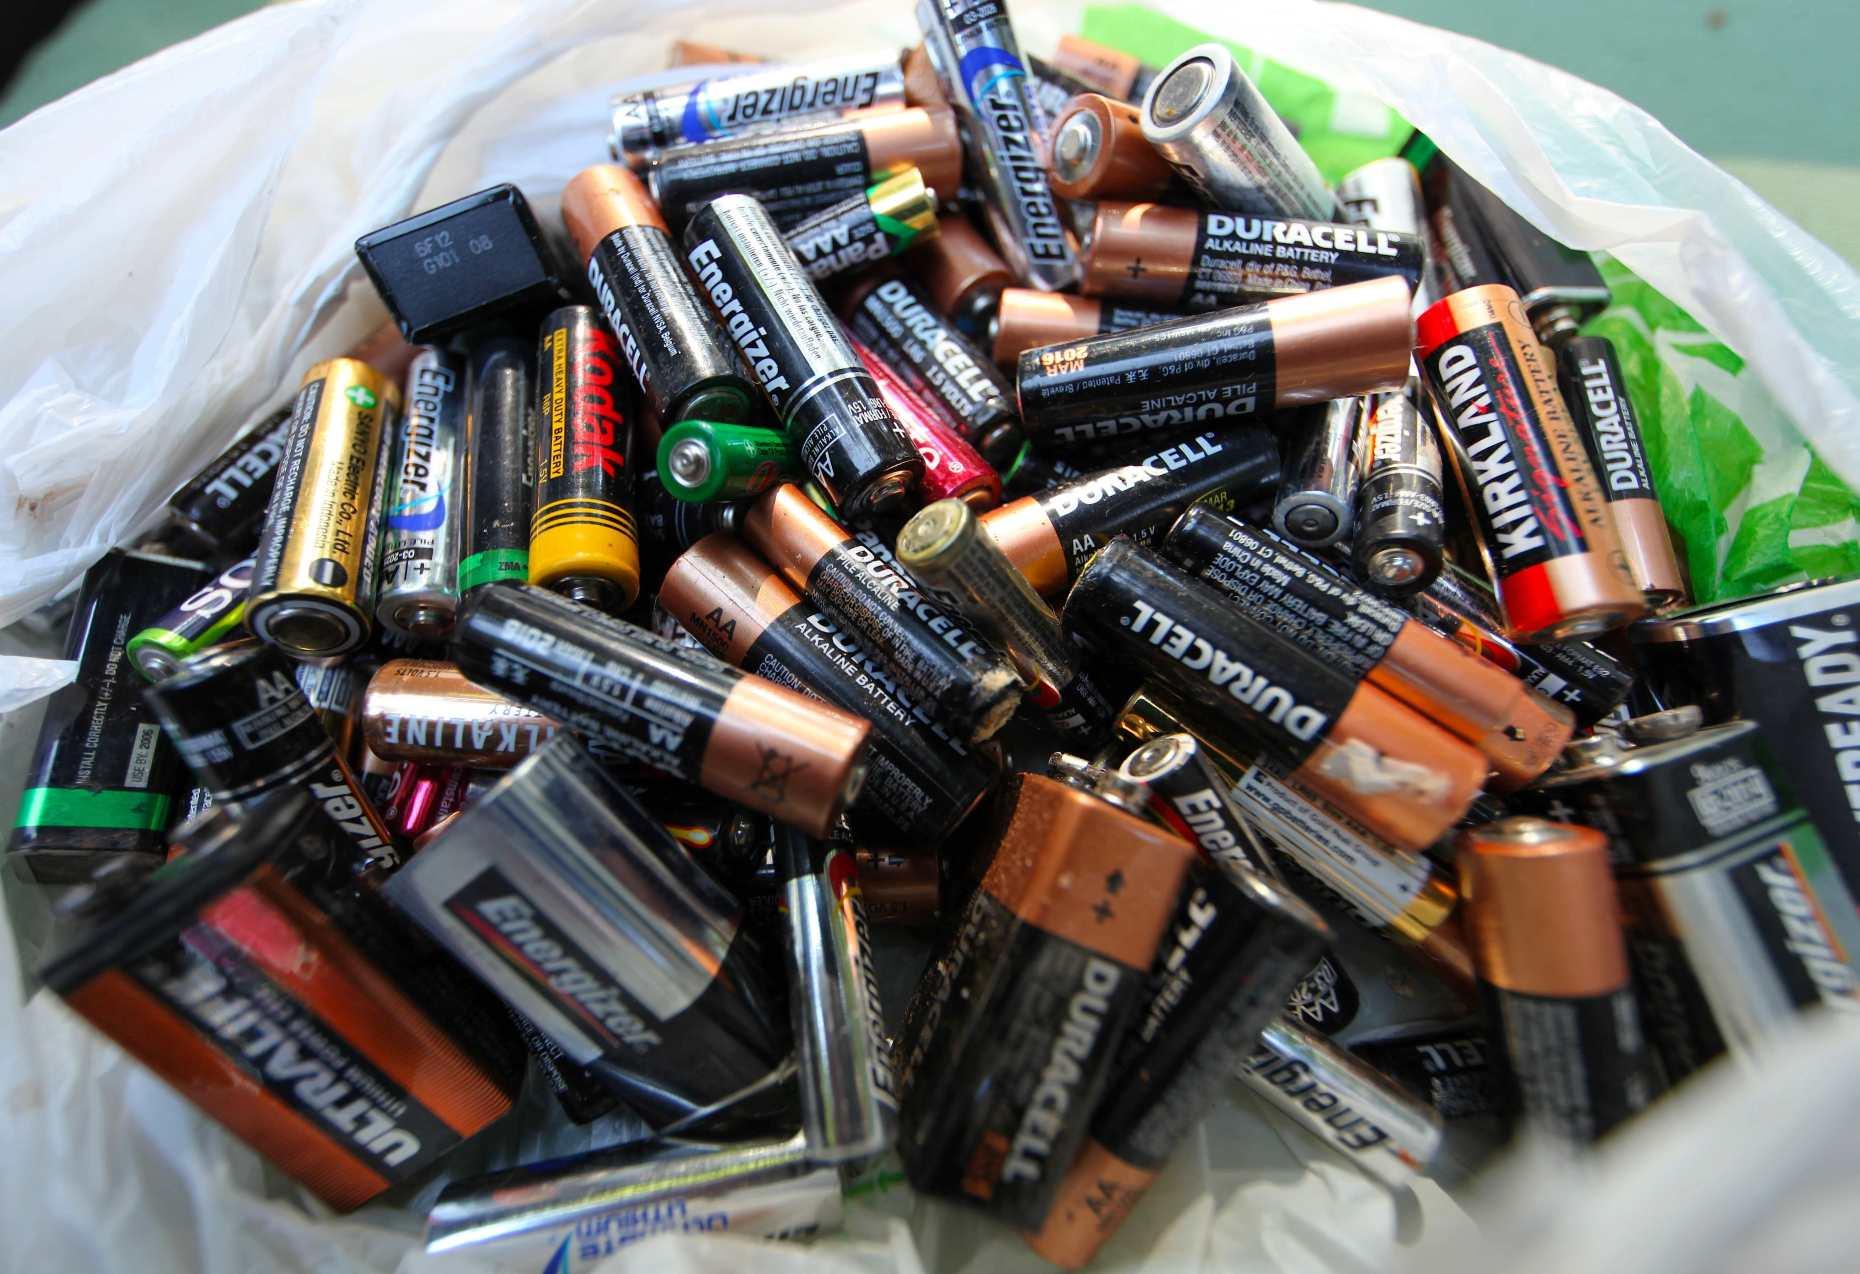 Batteries © Liesl Clark